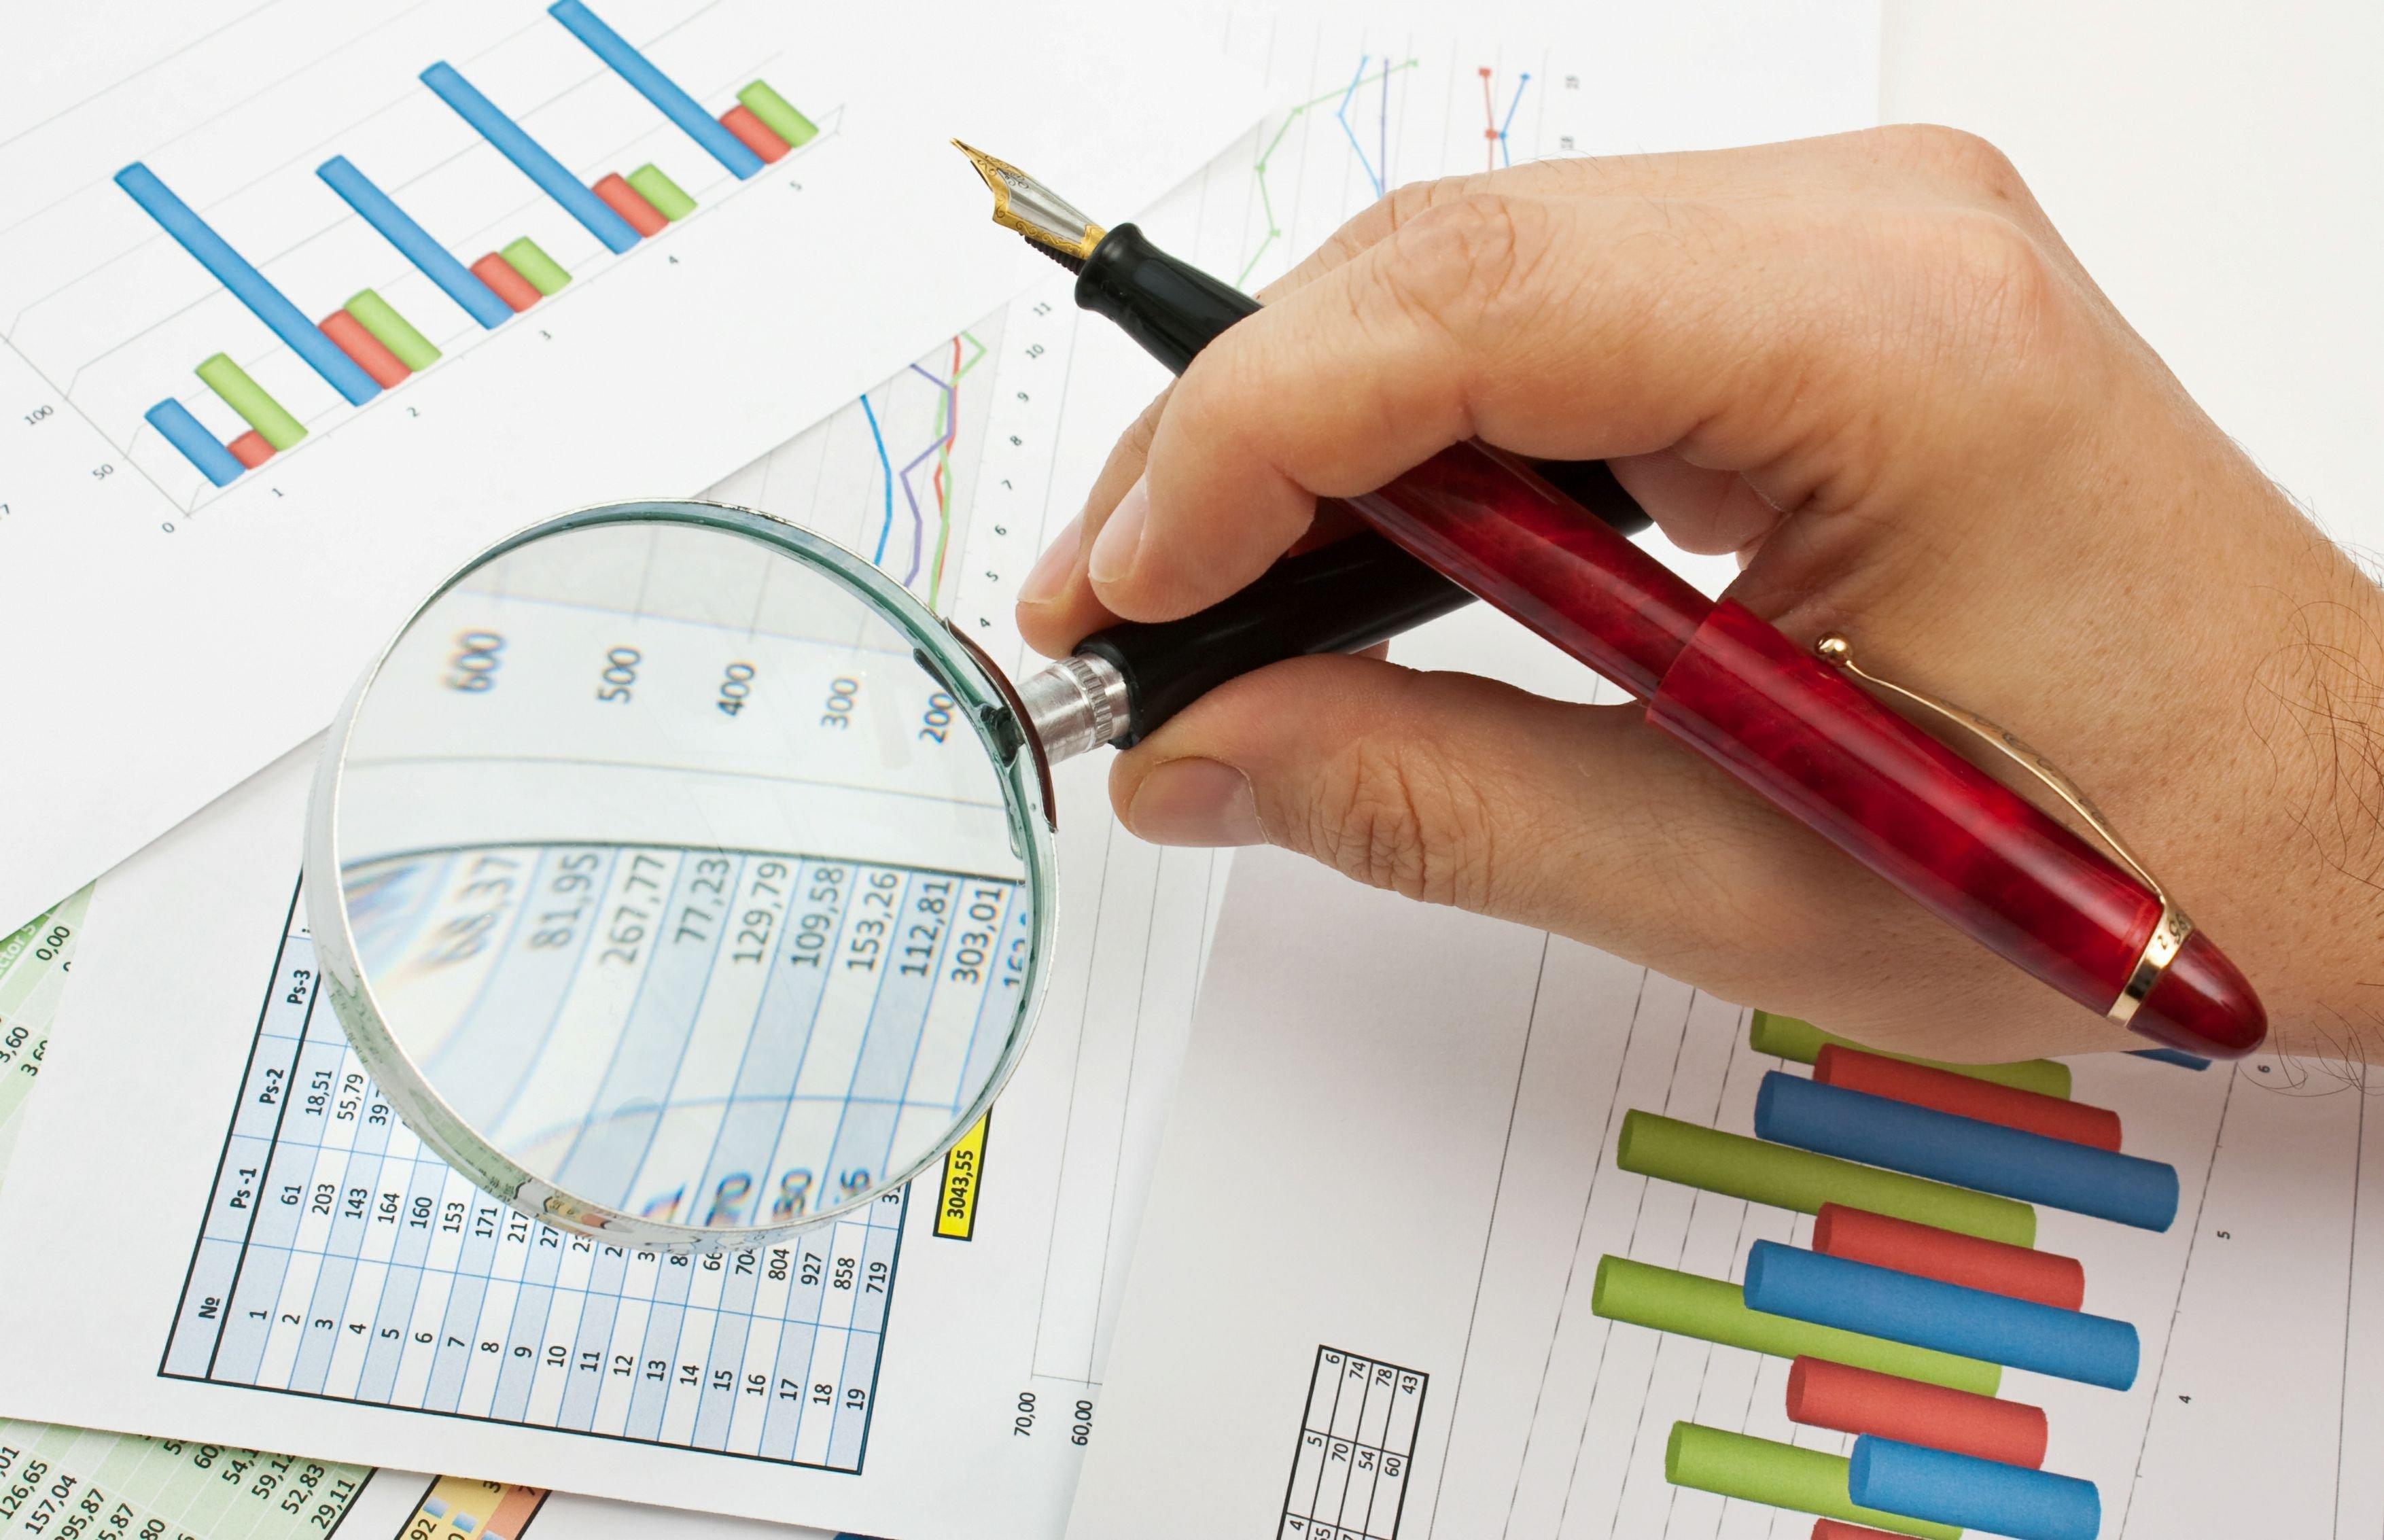 格隆汇港股聚焦(7.03)︱世茂上半年累计合约销售金额同比增10%  绿城中国上半年总销售额912亿元